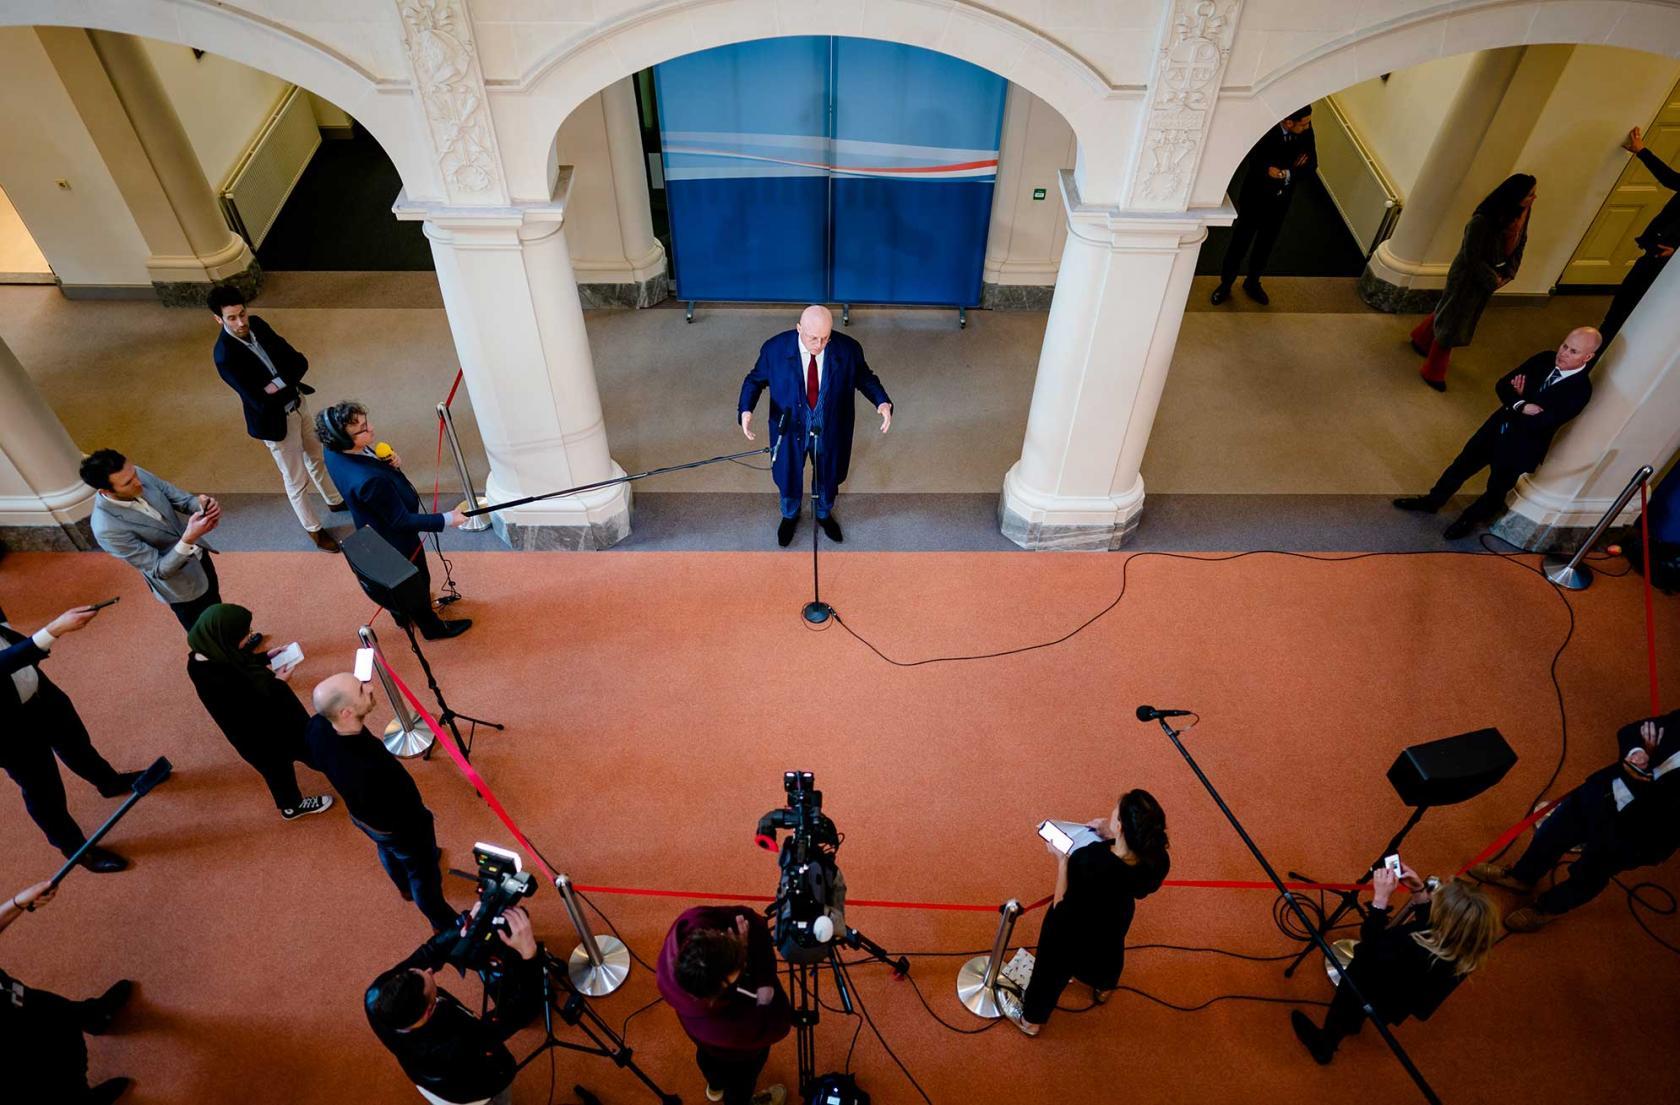 journalistiek media quote onderzoek hergebruik anp expert support